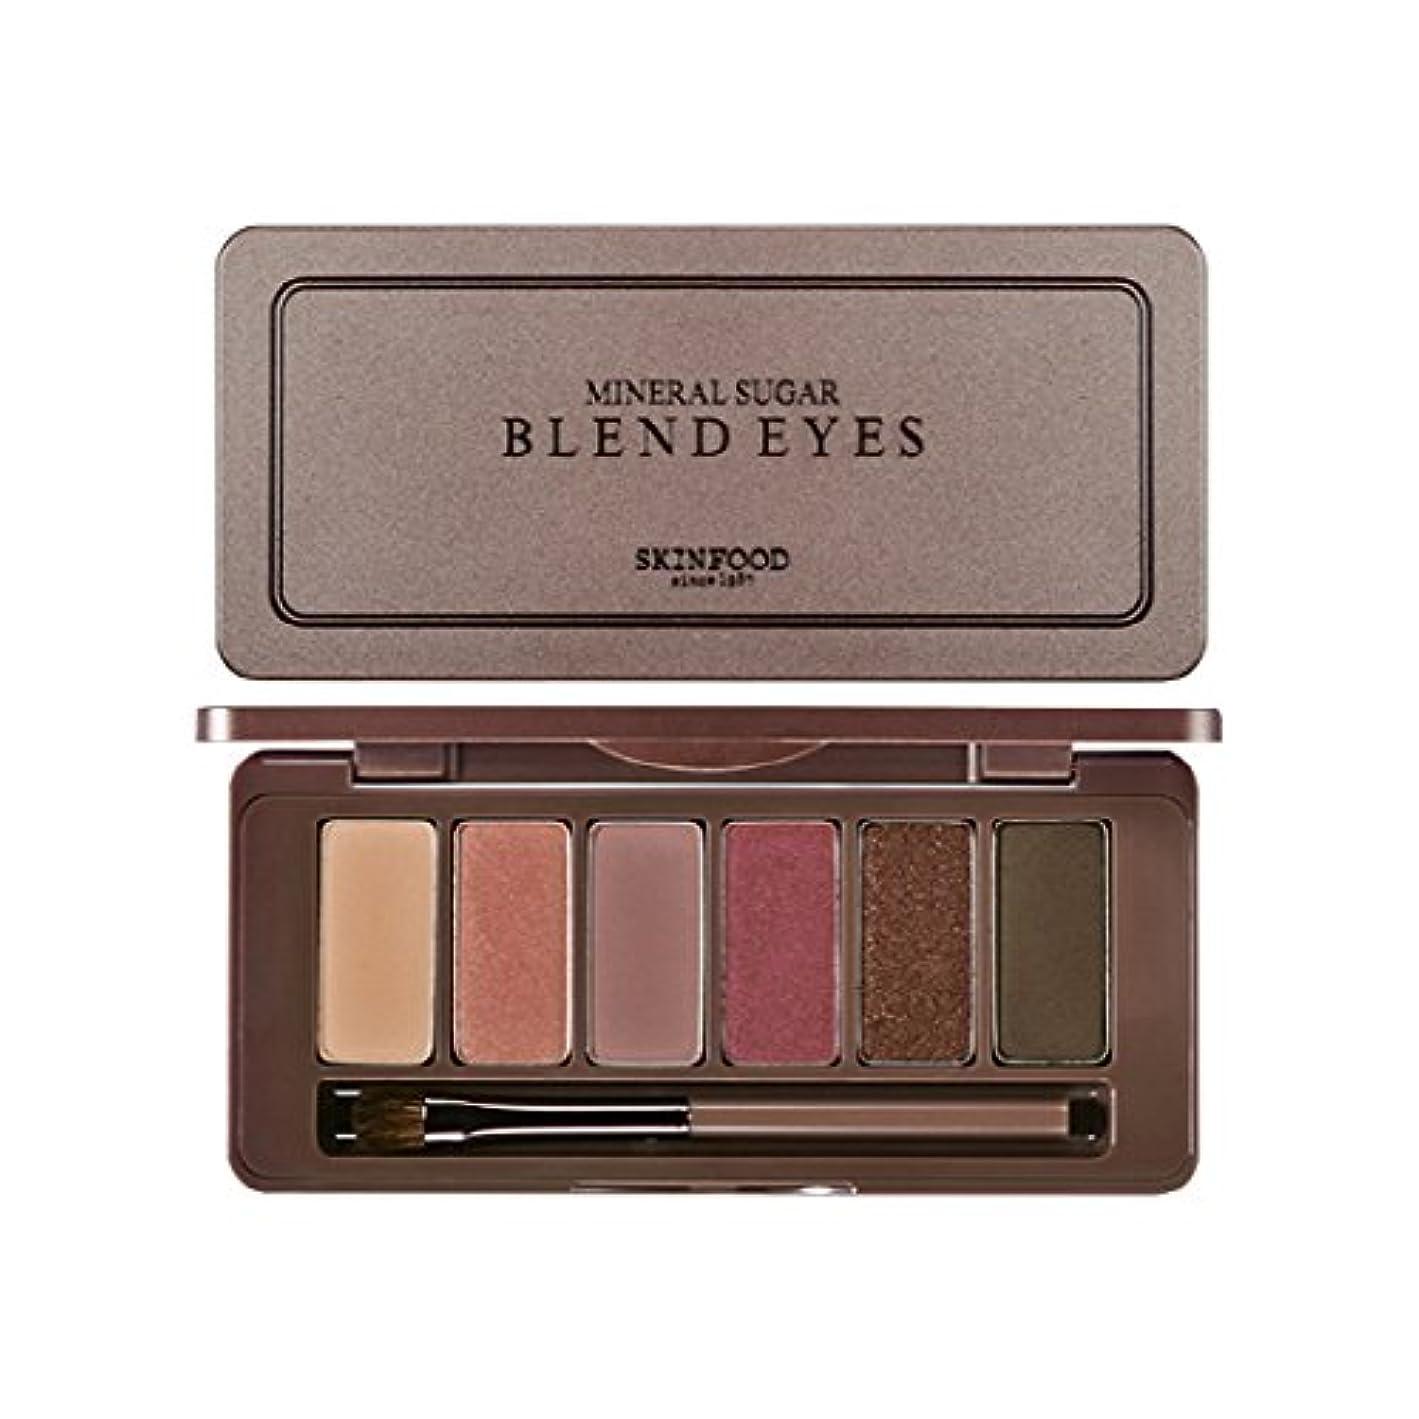 高い割り当てる弾薬SKINFOOD Mineral Sugar Blend Eyes/スキンフード ミネラル シュガー ブレンド アイズ (#05 Mousse Au Plum Chocolat) [並行輸入品]